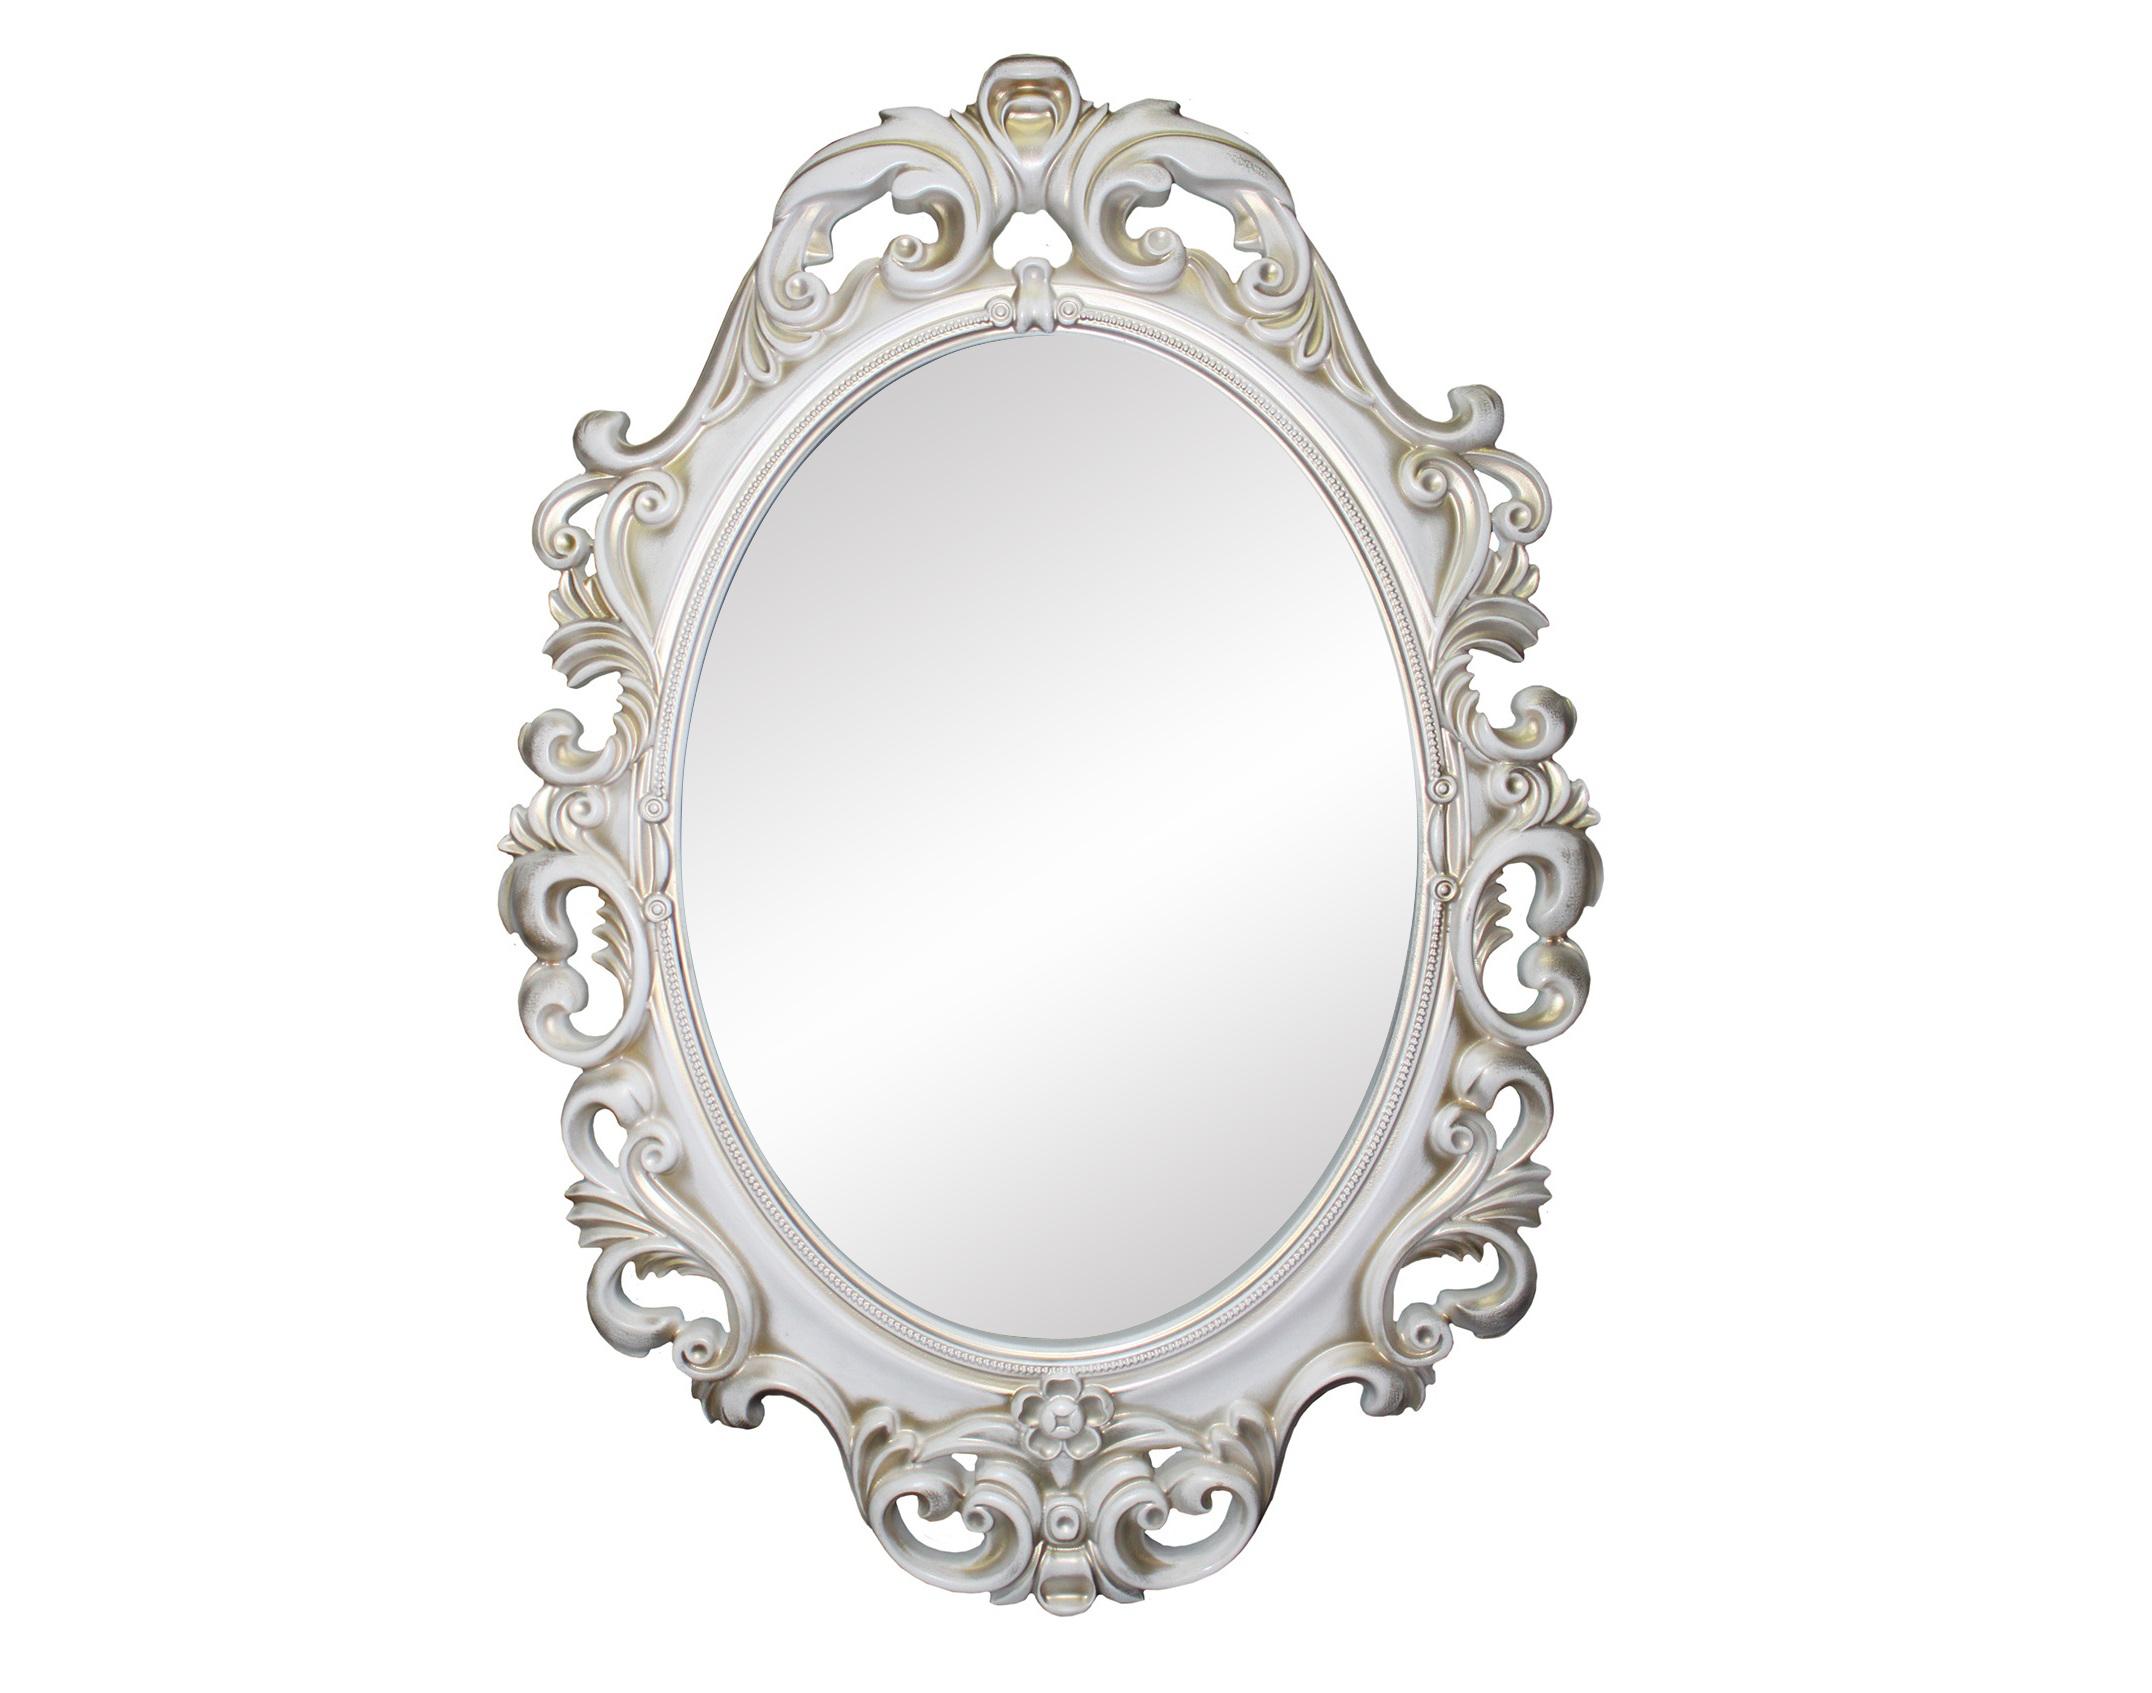 Зеркало ВинтажНастенные зеркала<br><br><br>Material: Стекло<br>Length см: None<br>Width см: 67<br>Depth см: 4<br>Height см: 96